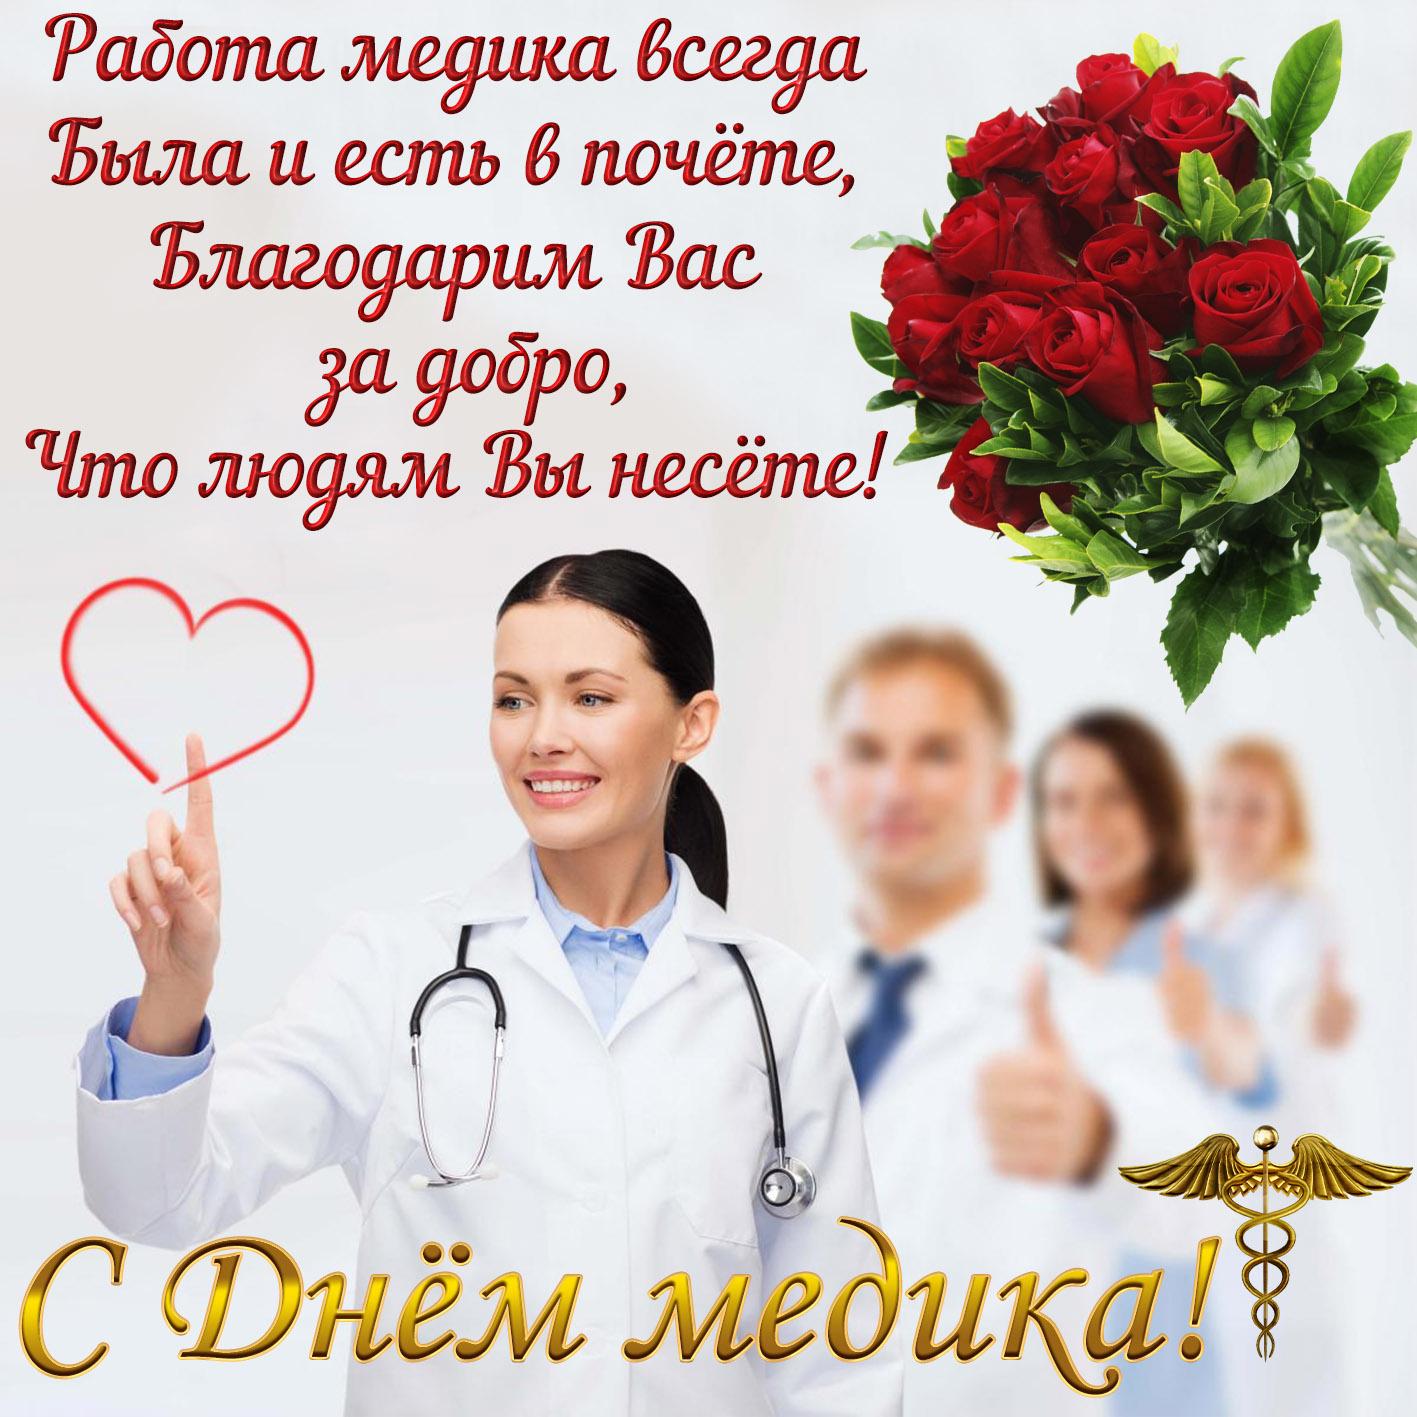 Красивые открытки с днем медика мужчине, сказки гифы картинки